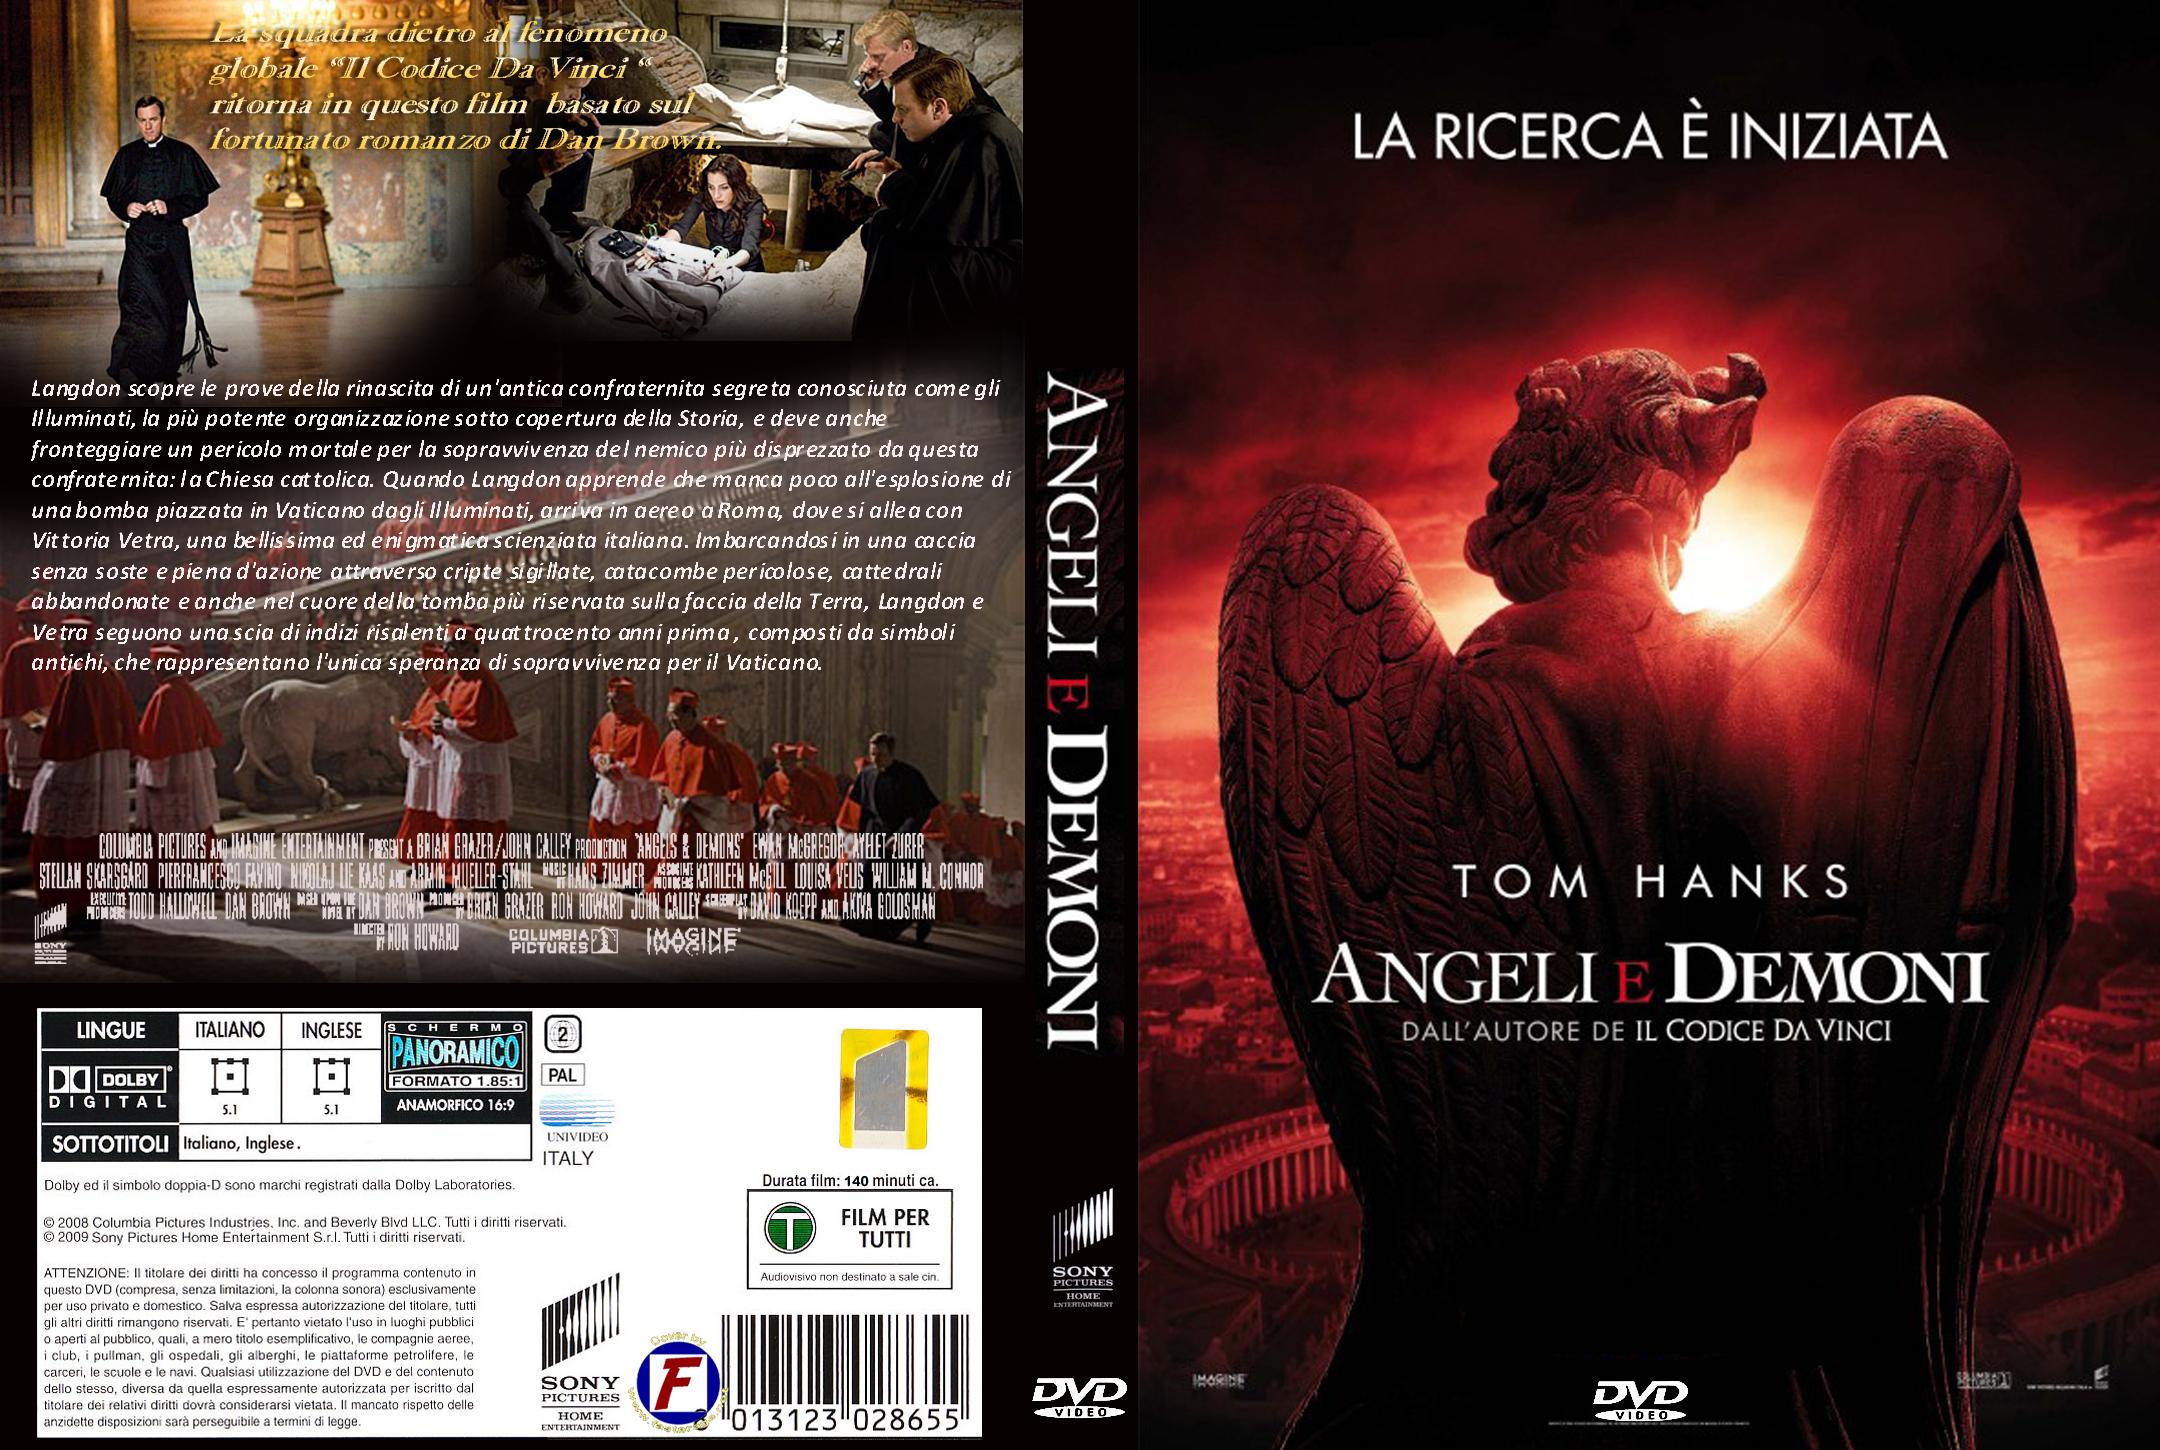 autore angeli e demoni